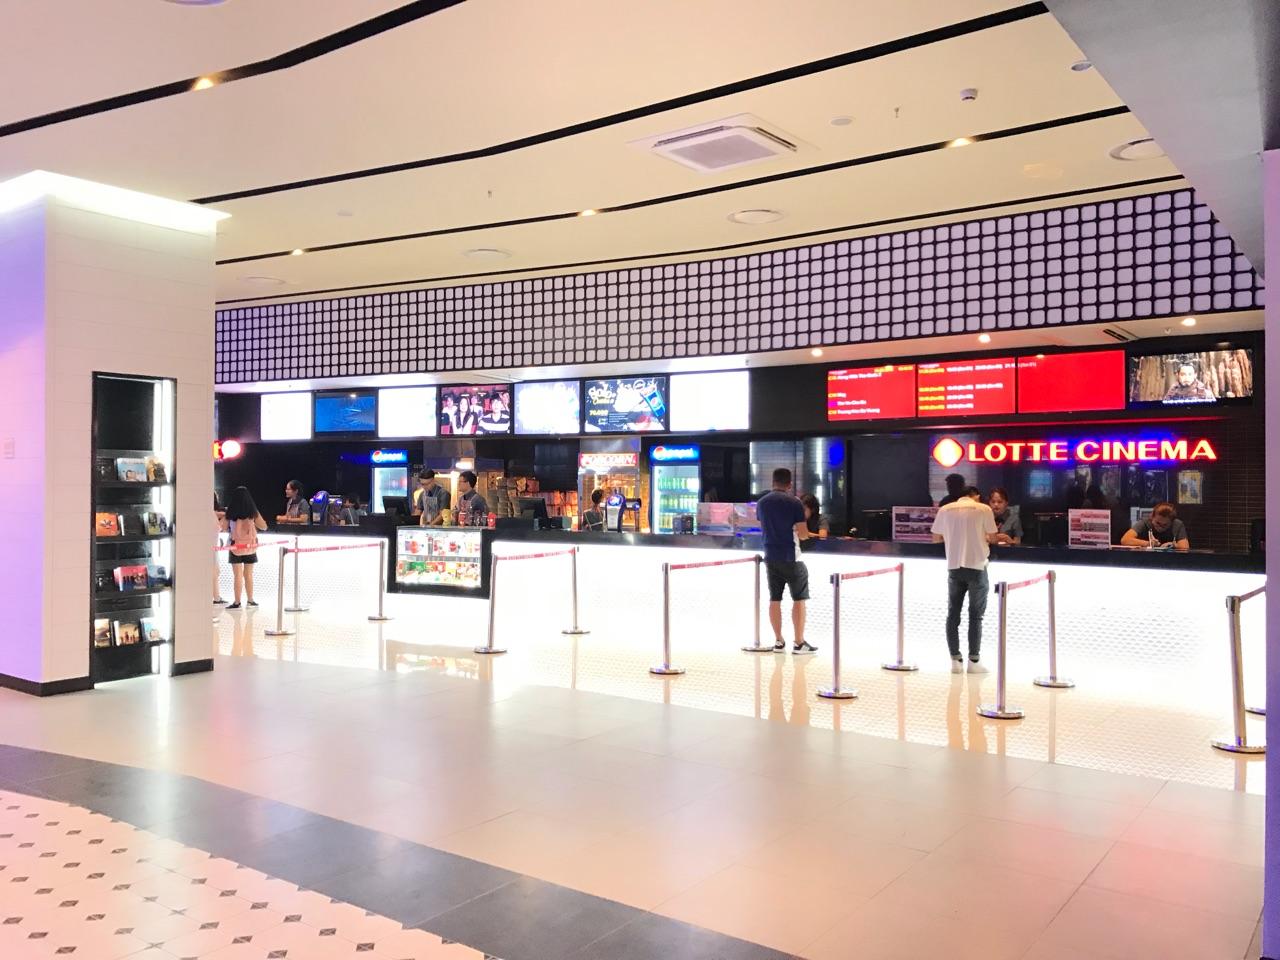 Tặng vé phim, miễn phí bắp nước dịp khai trương rạp Lotte Cinema Bắc Ninh - Ảnh 3.